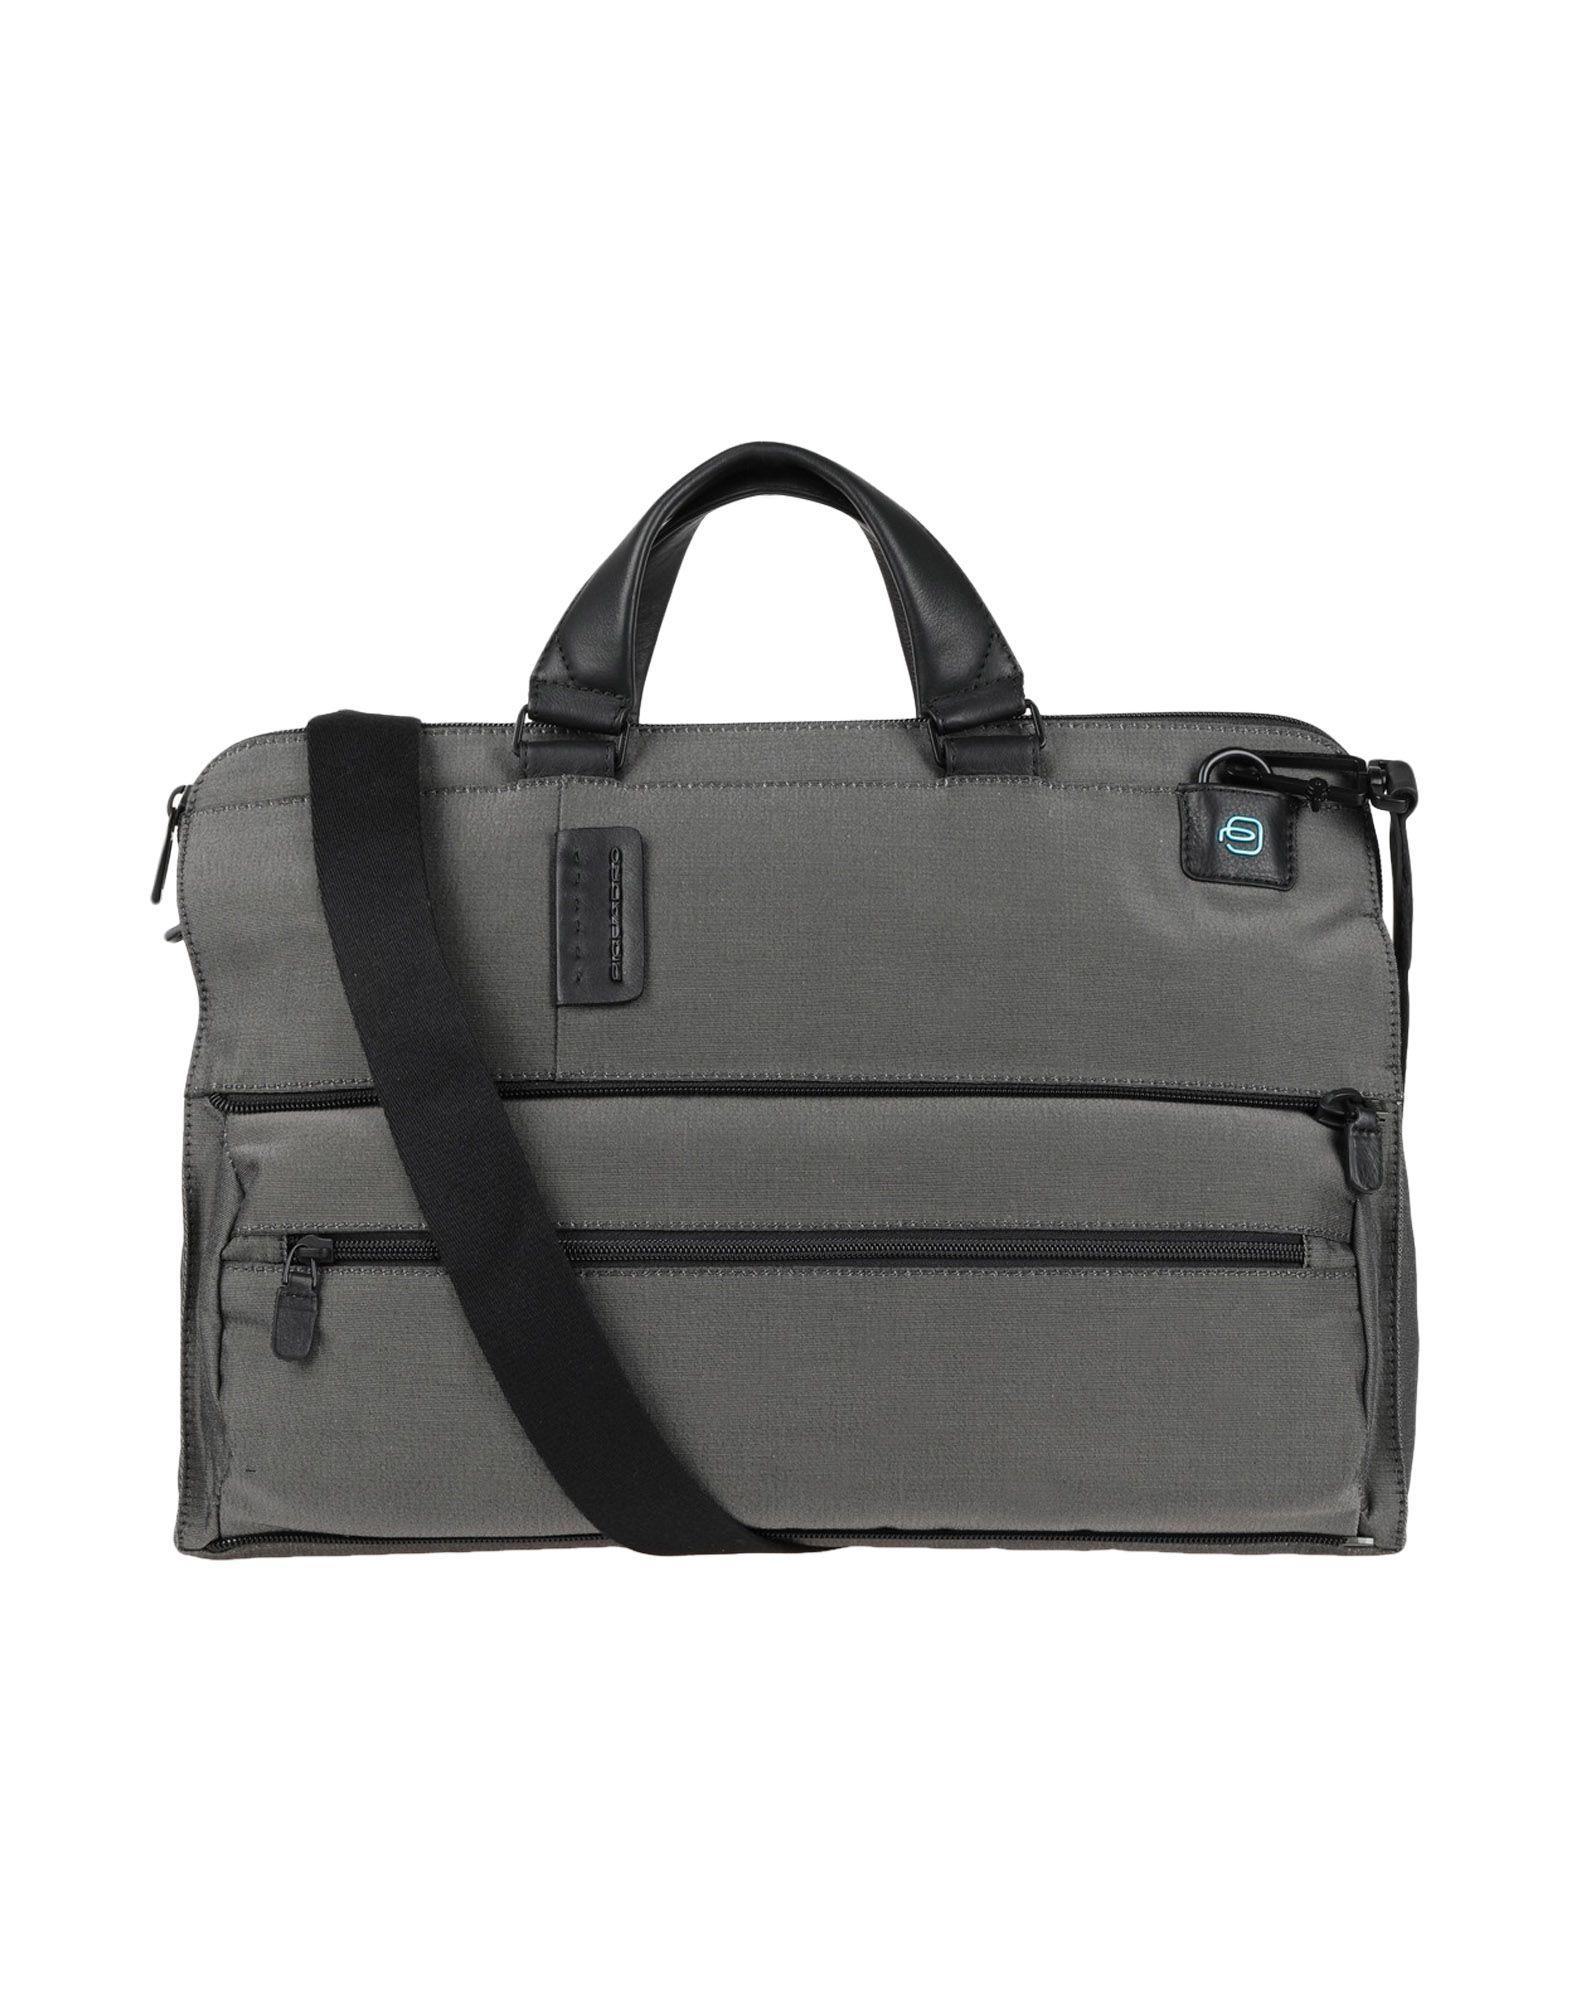 609c47bcf1 Τσάντα Γραφείου Piquadro Άνδρας - Τσάντες Γραφείου Piquadro στο YOOX -  45424878PM